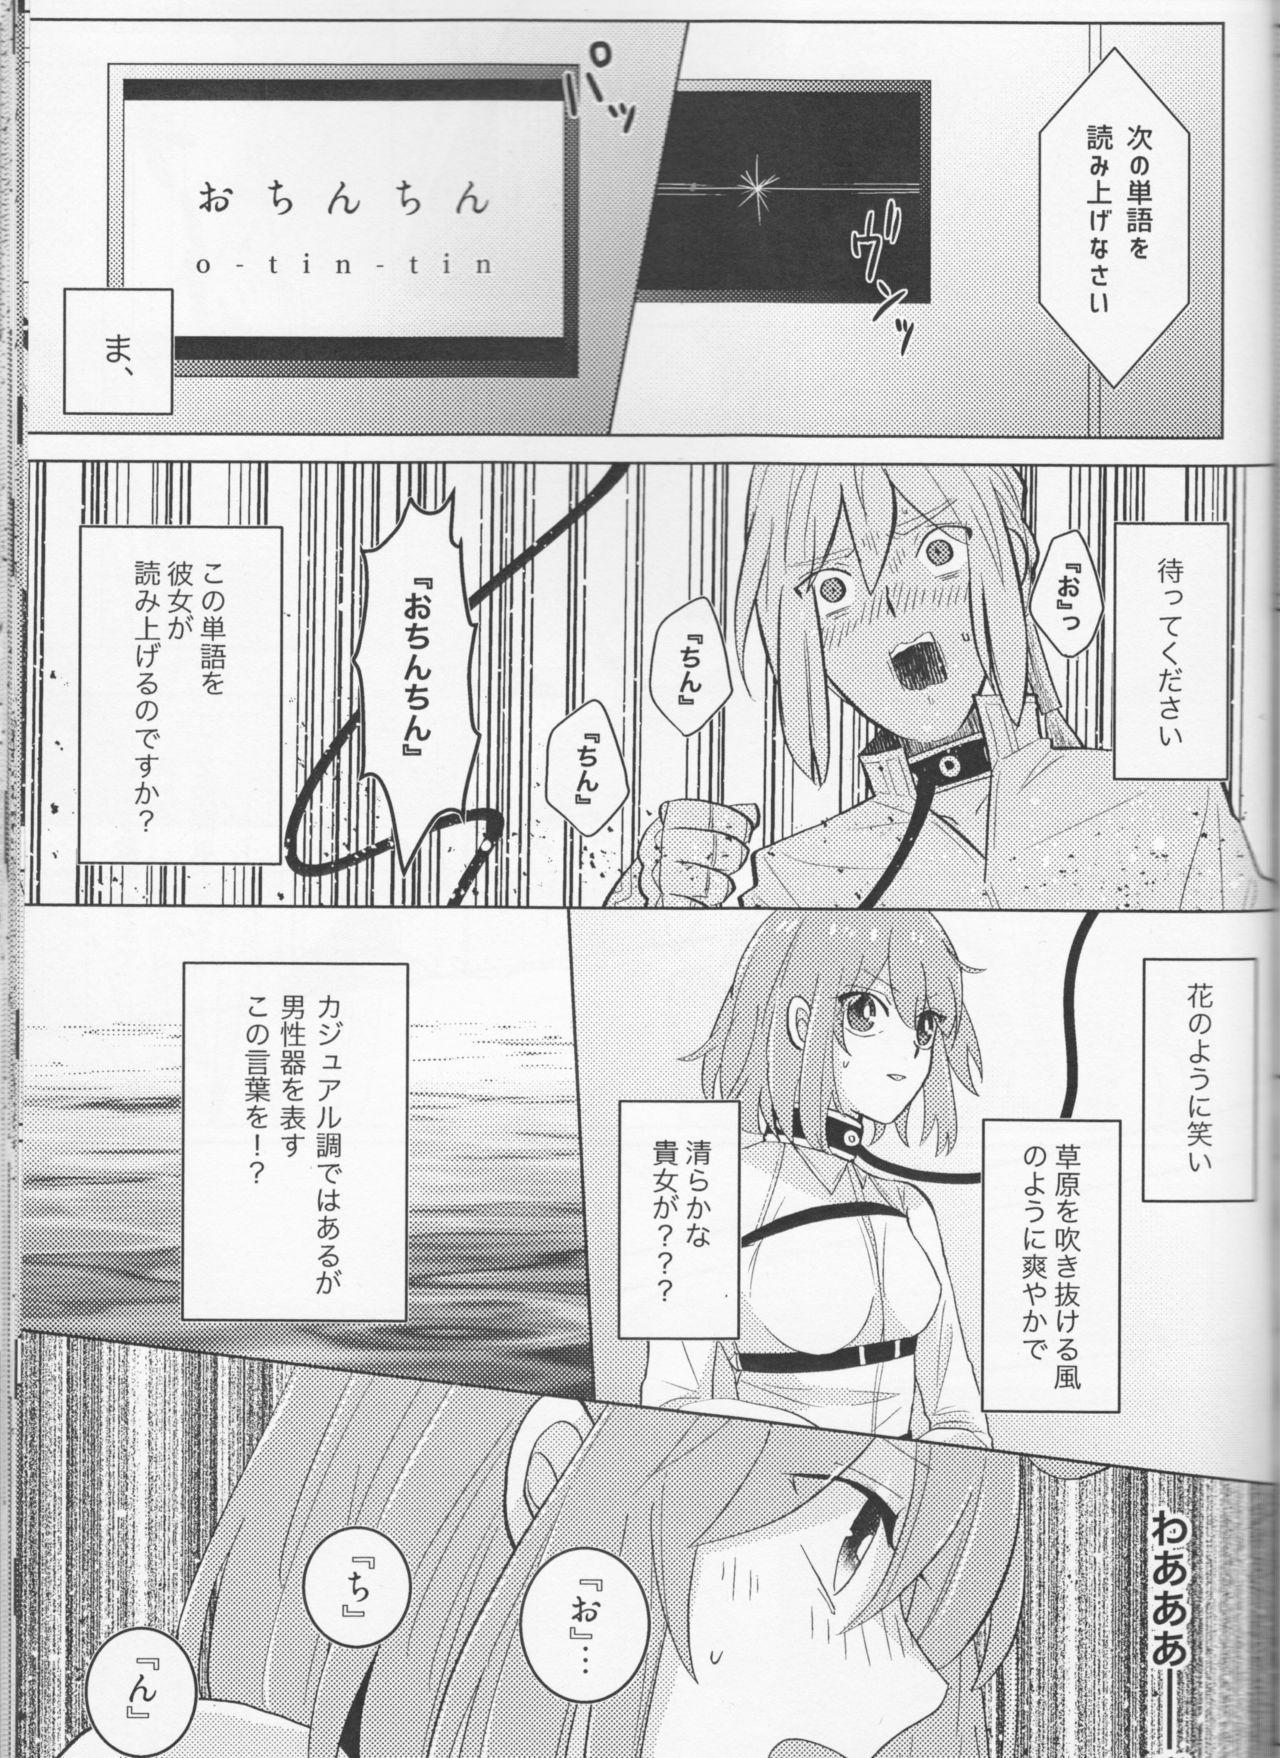 Kirakira Koboreru, Kimi to no Waidan 24